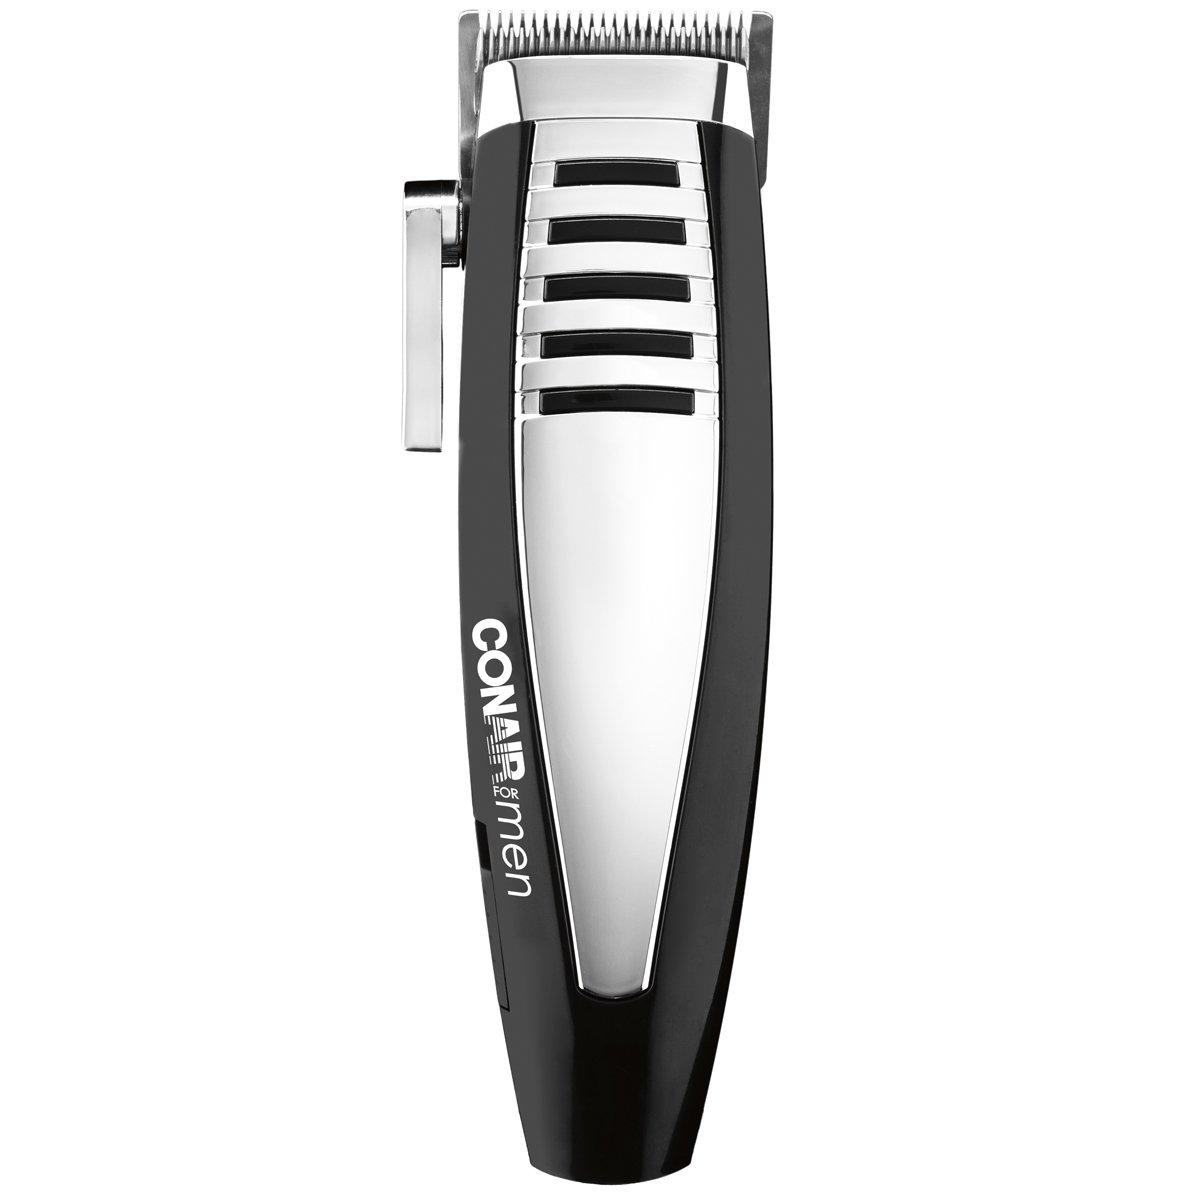 Conair Professional Haircutting Kit(20 Piece), 1 Count Conair Canada